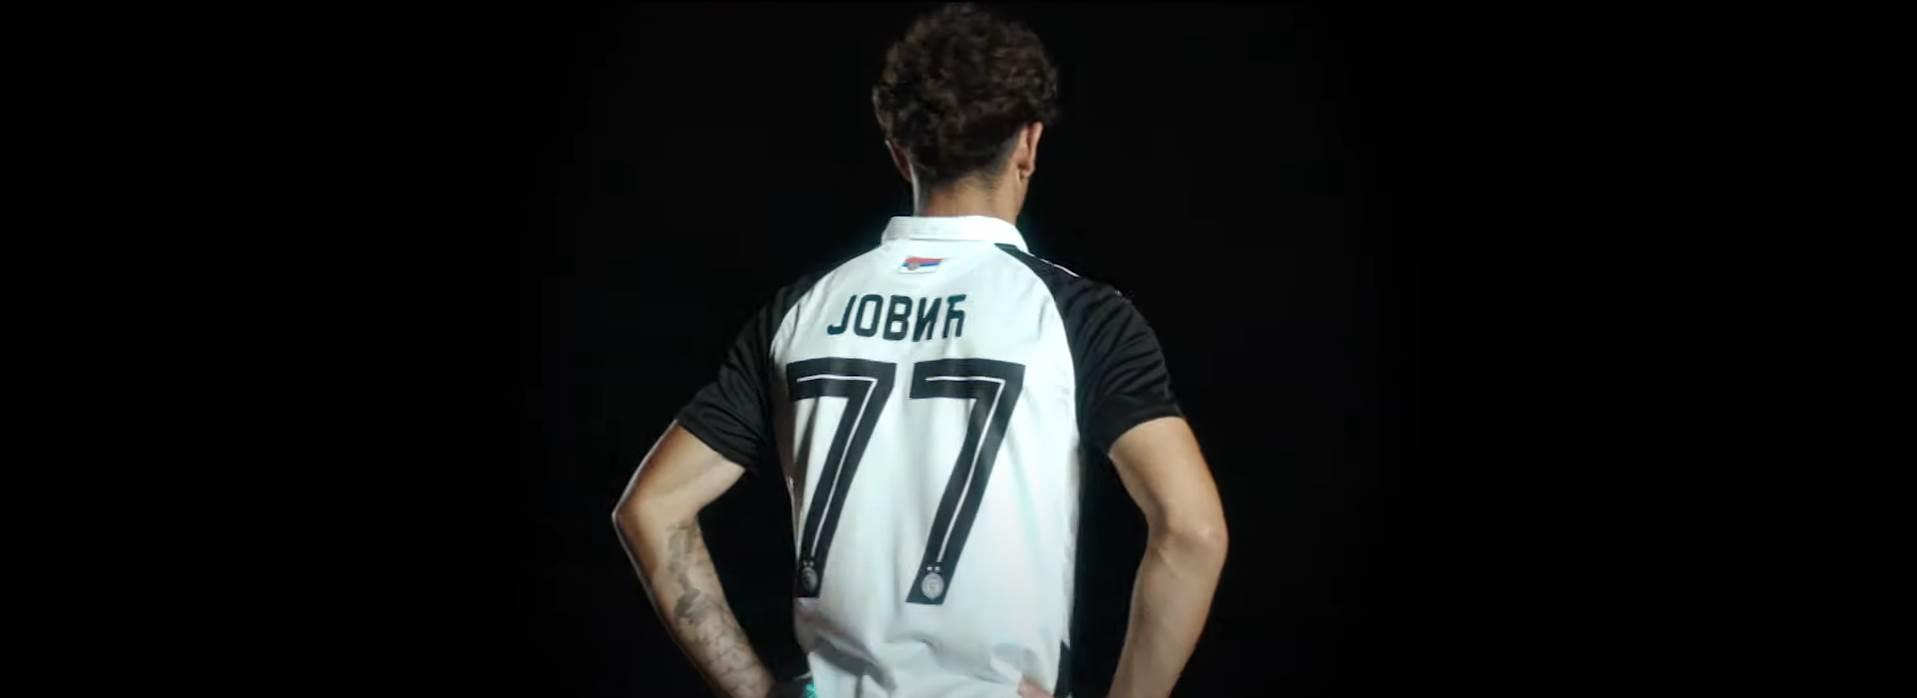 Nemanja Jović novi dres